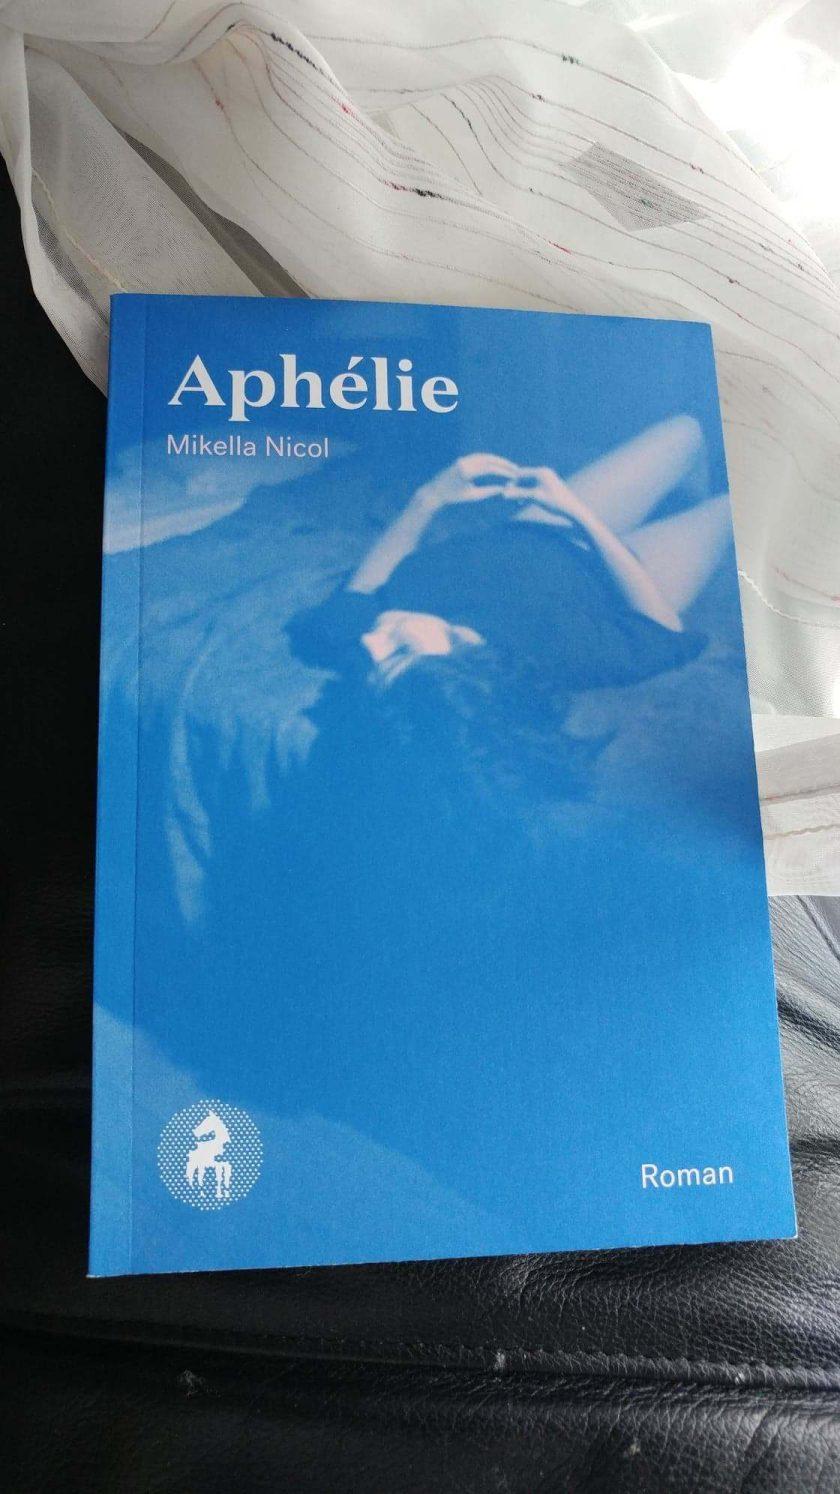 Aphélie, Mikella Nicol, Le cheval d'aout, littérature, littérature québécoise, lecture, livre, les livres qui font du bien, canicule, amour, roman, le fil rouge, le fil rouge lit